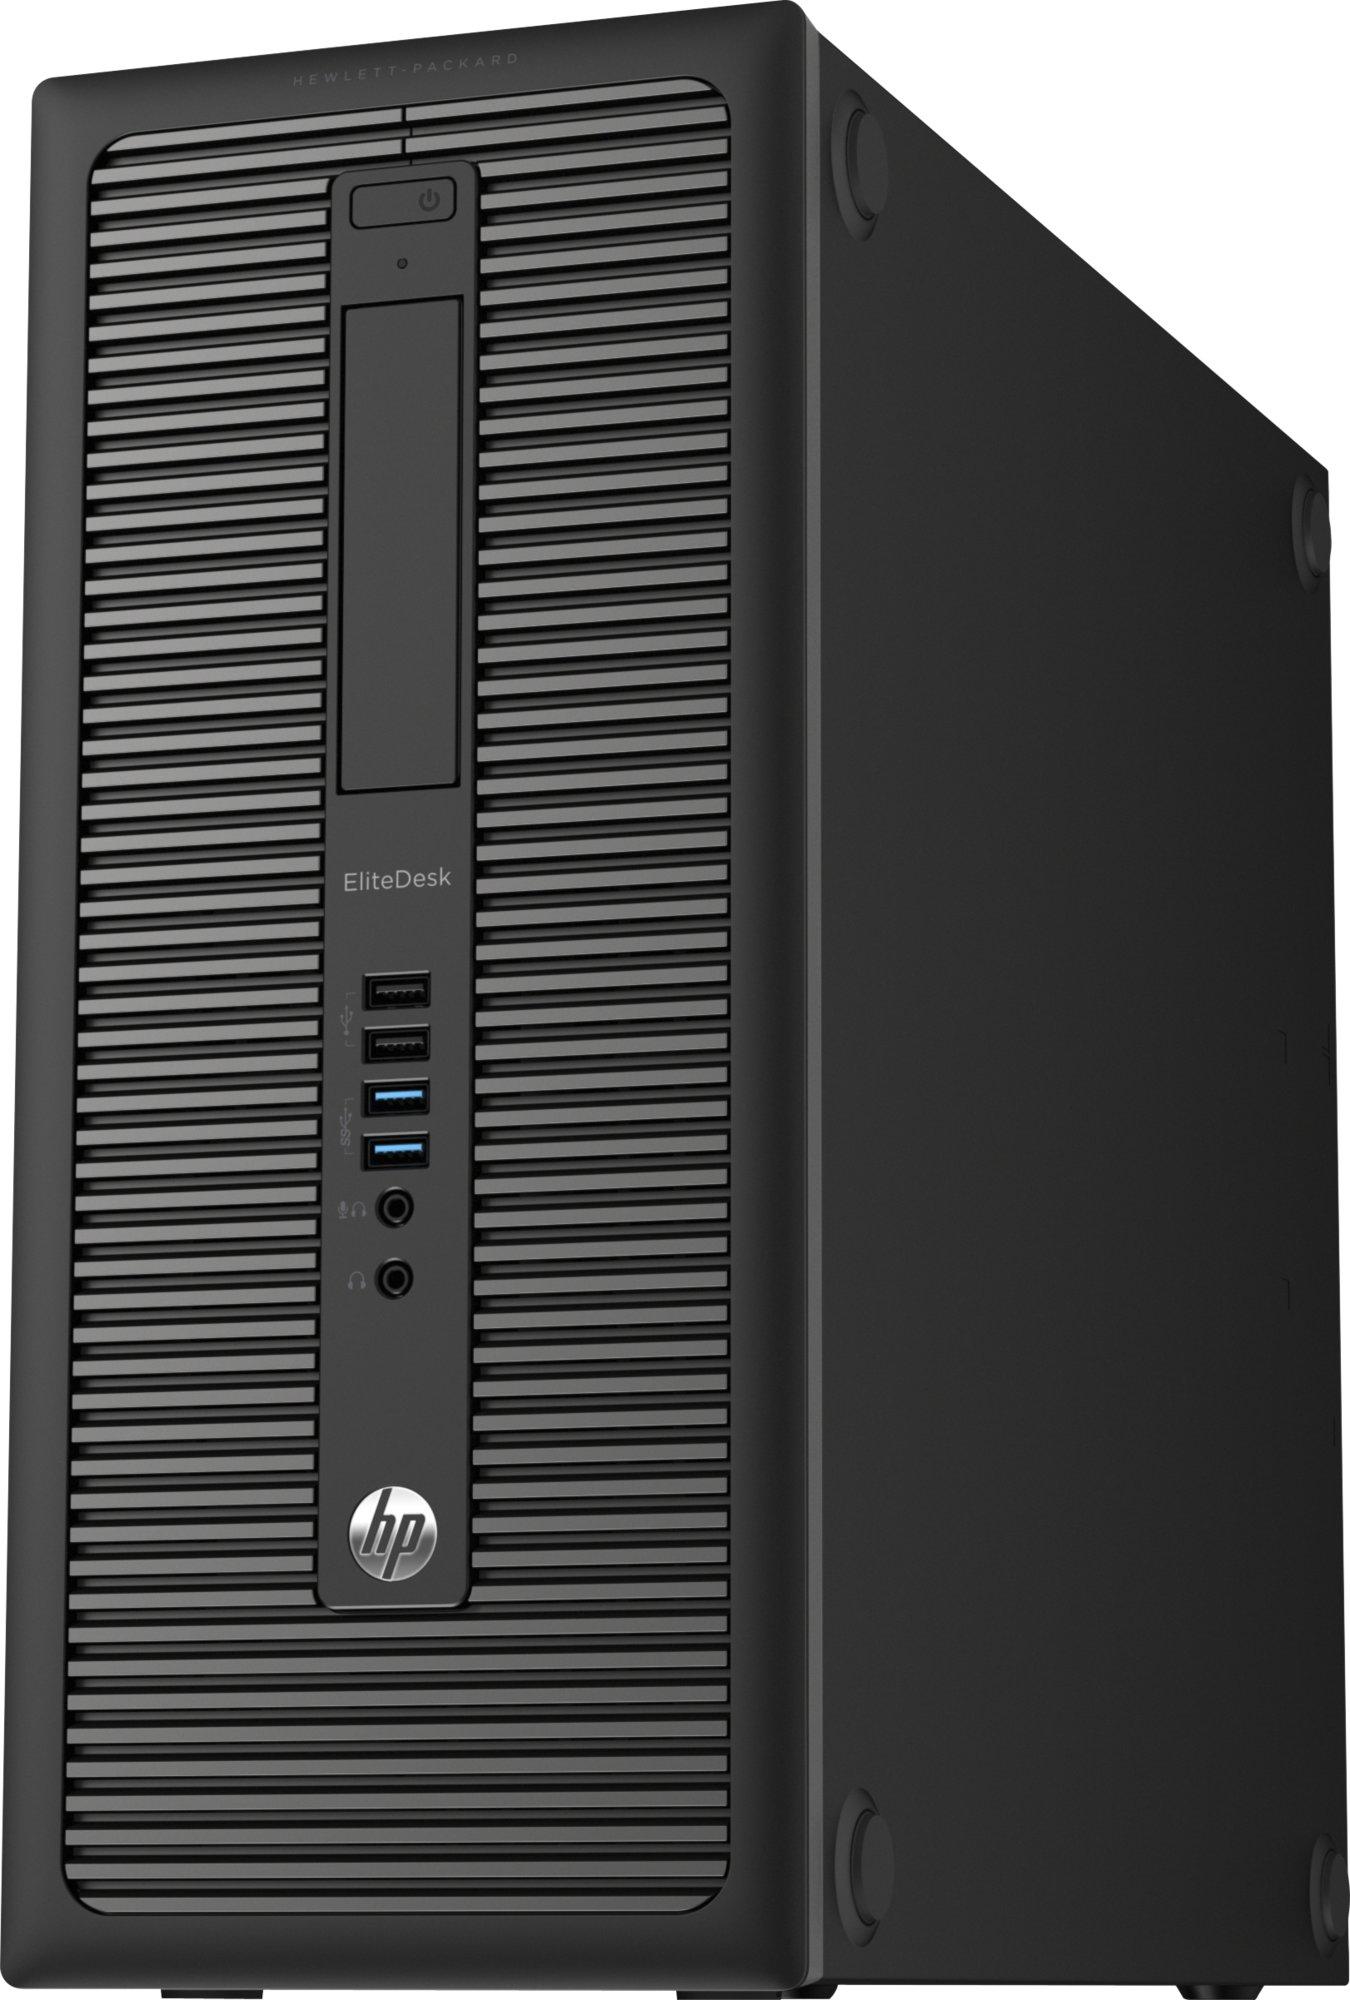 HP EliteDesk 800 G1 TWR